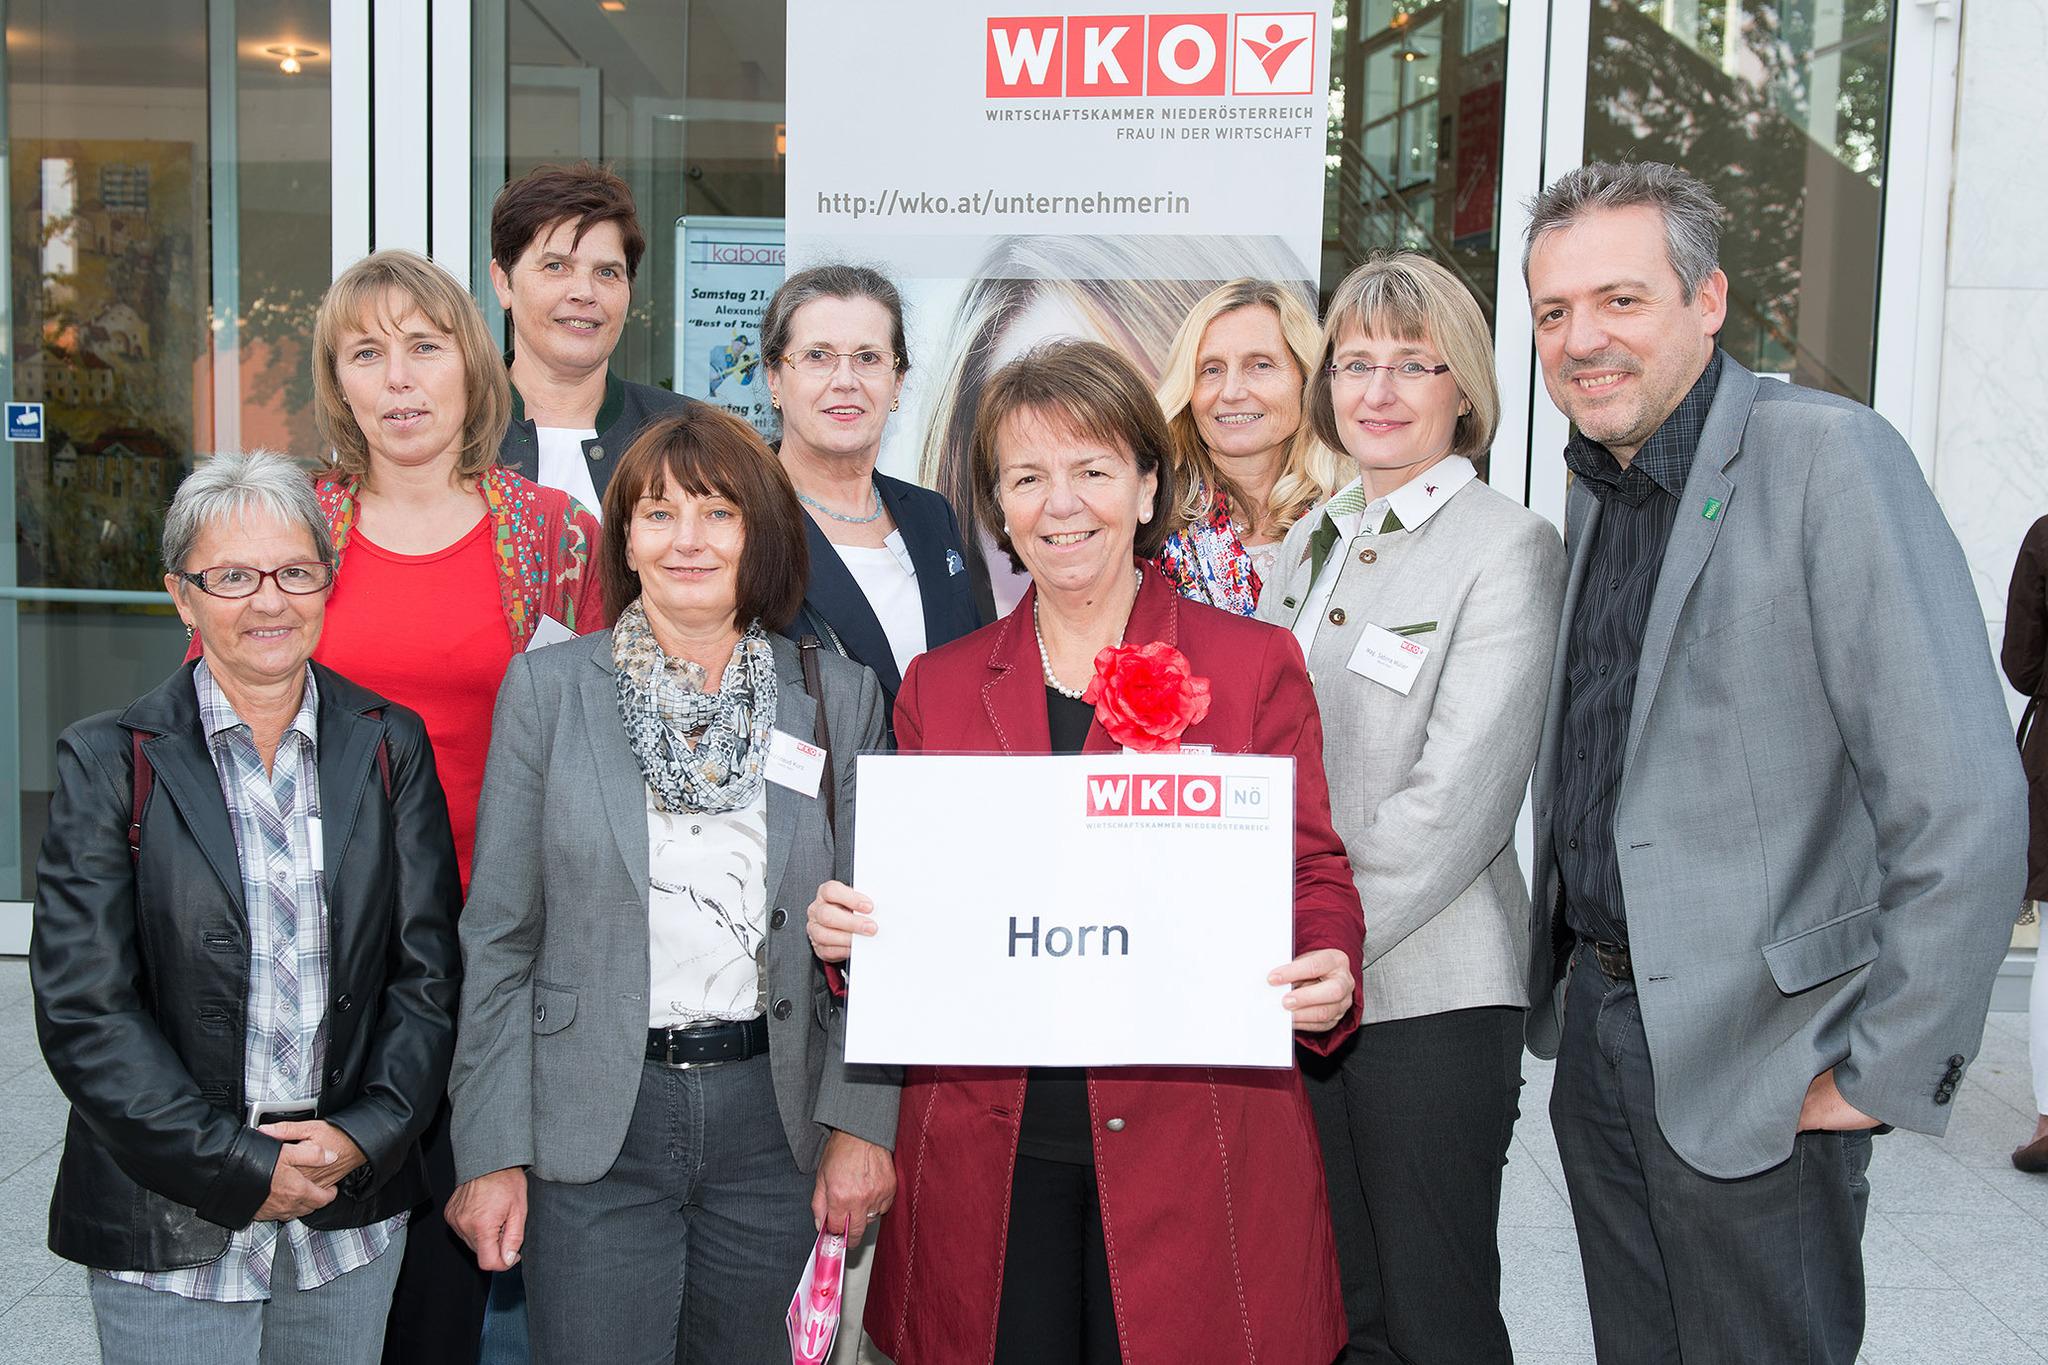 Frauen treffen in niederösterreich